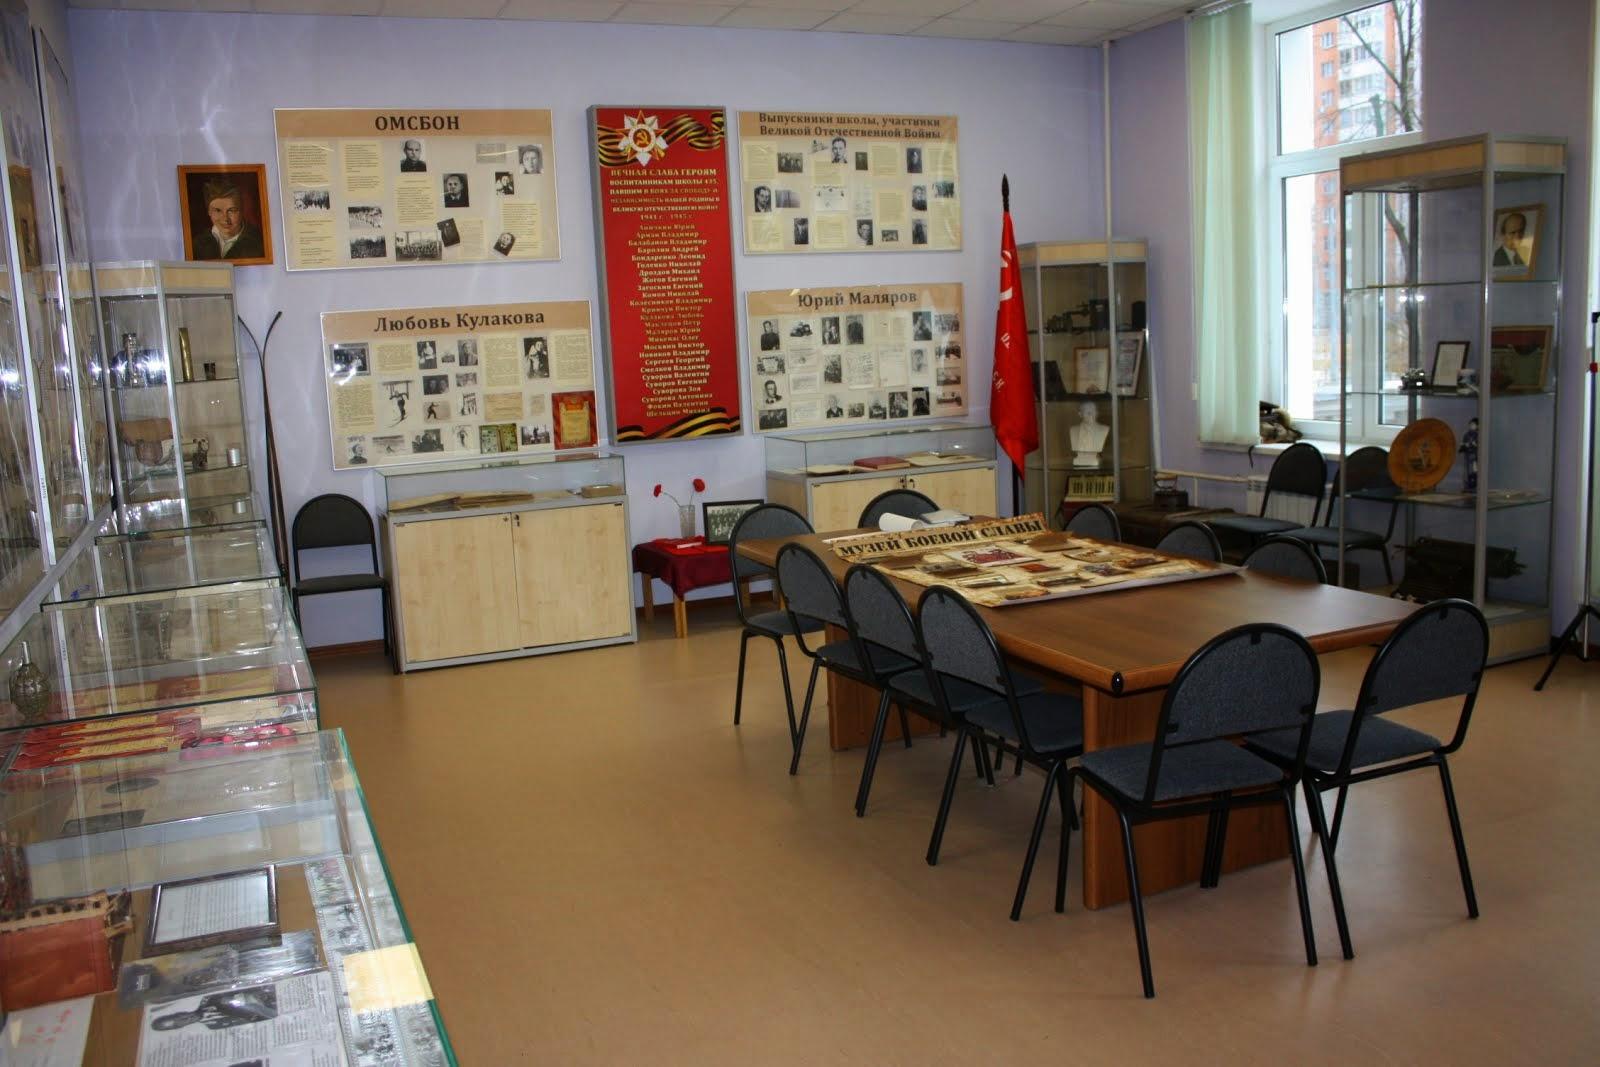 Блог школьного музея Боевой славы